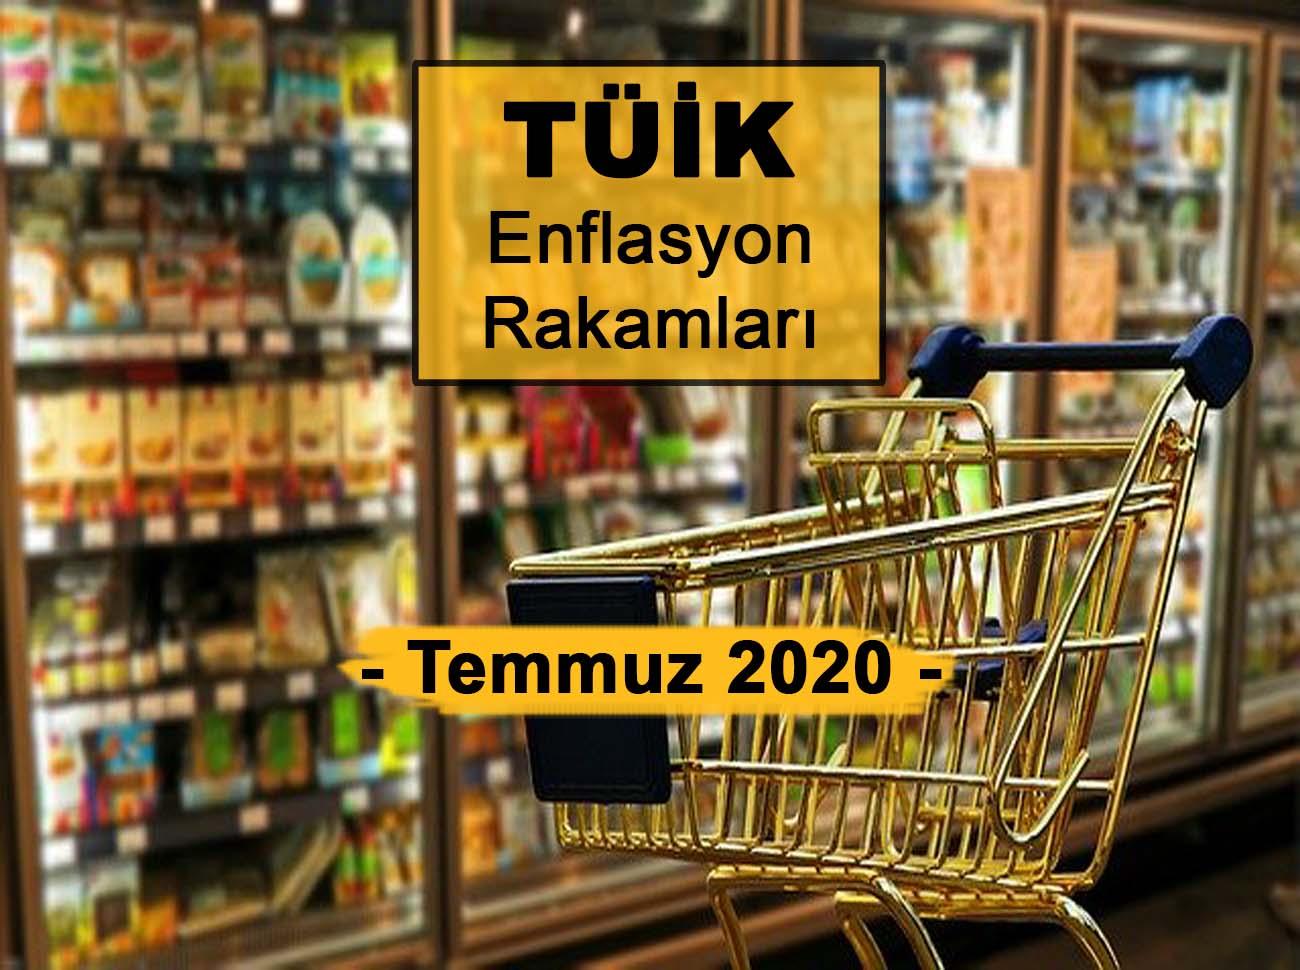 Enflasyon Rakamları (Temmuz 2020) Açıklandı